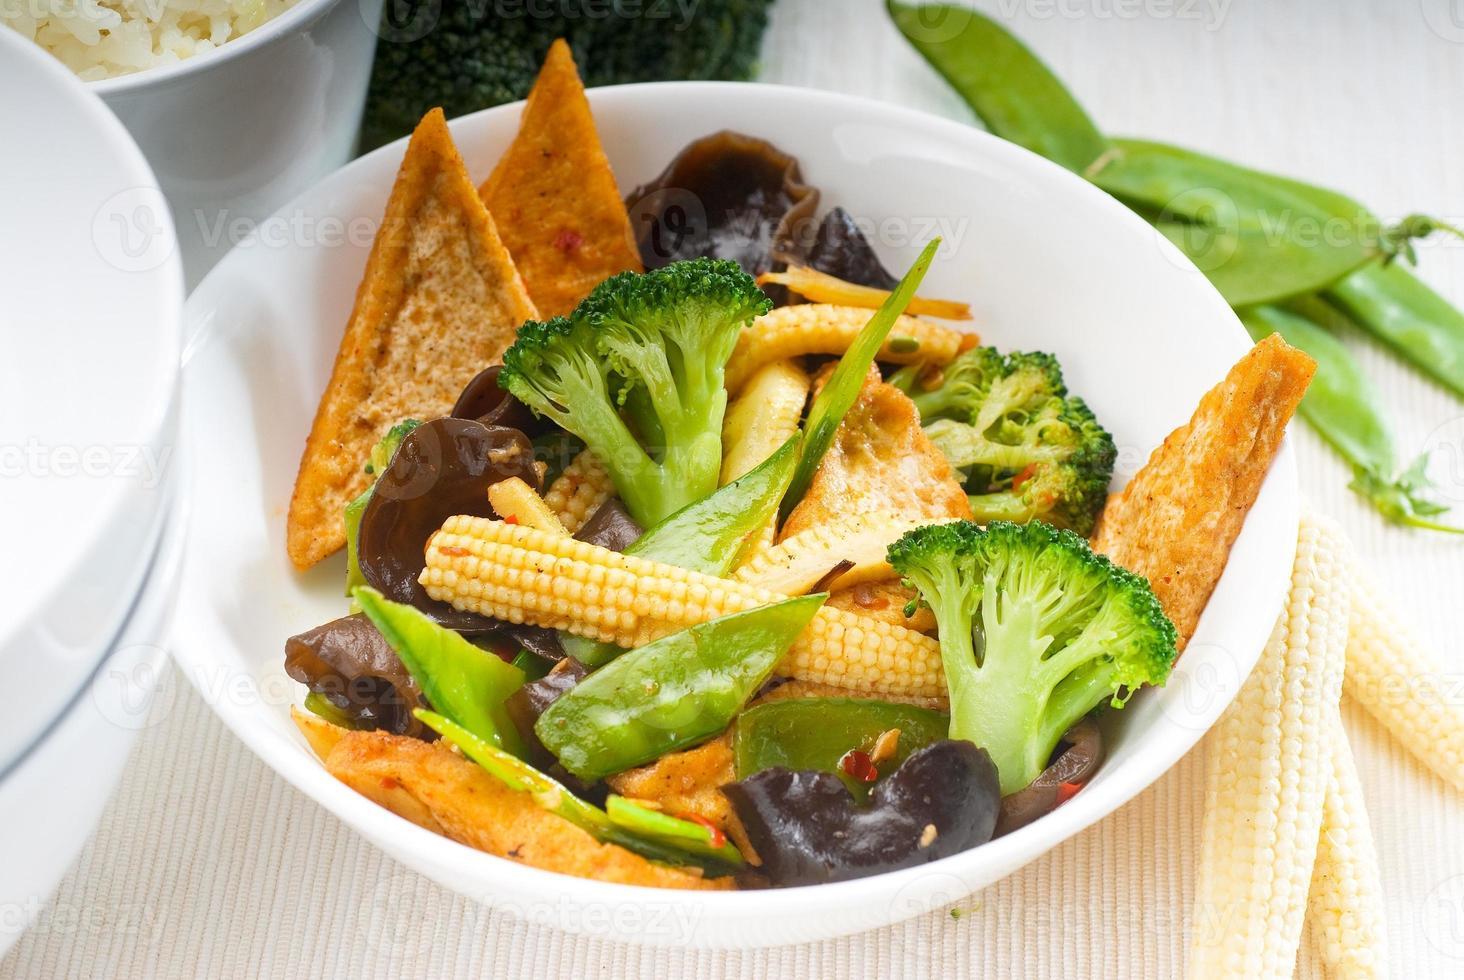 queso de soja tofu y verduras foto